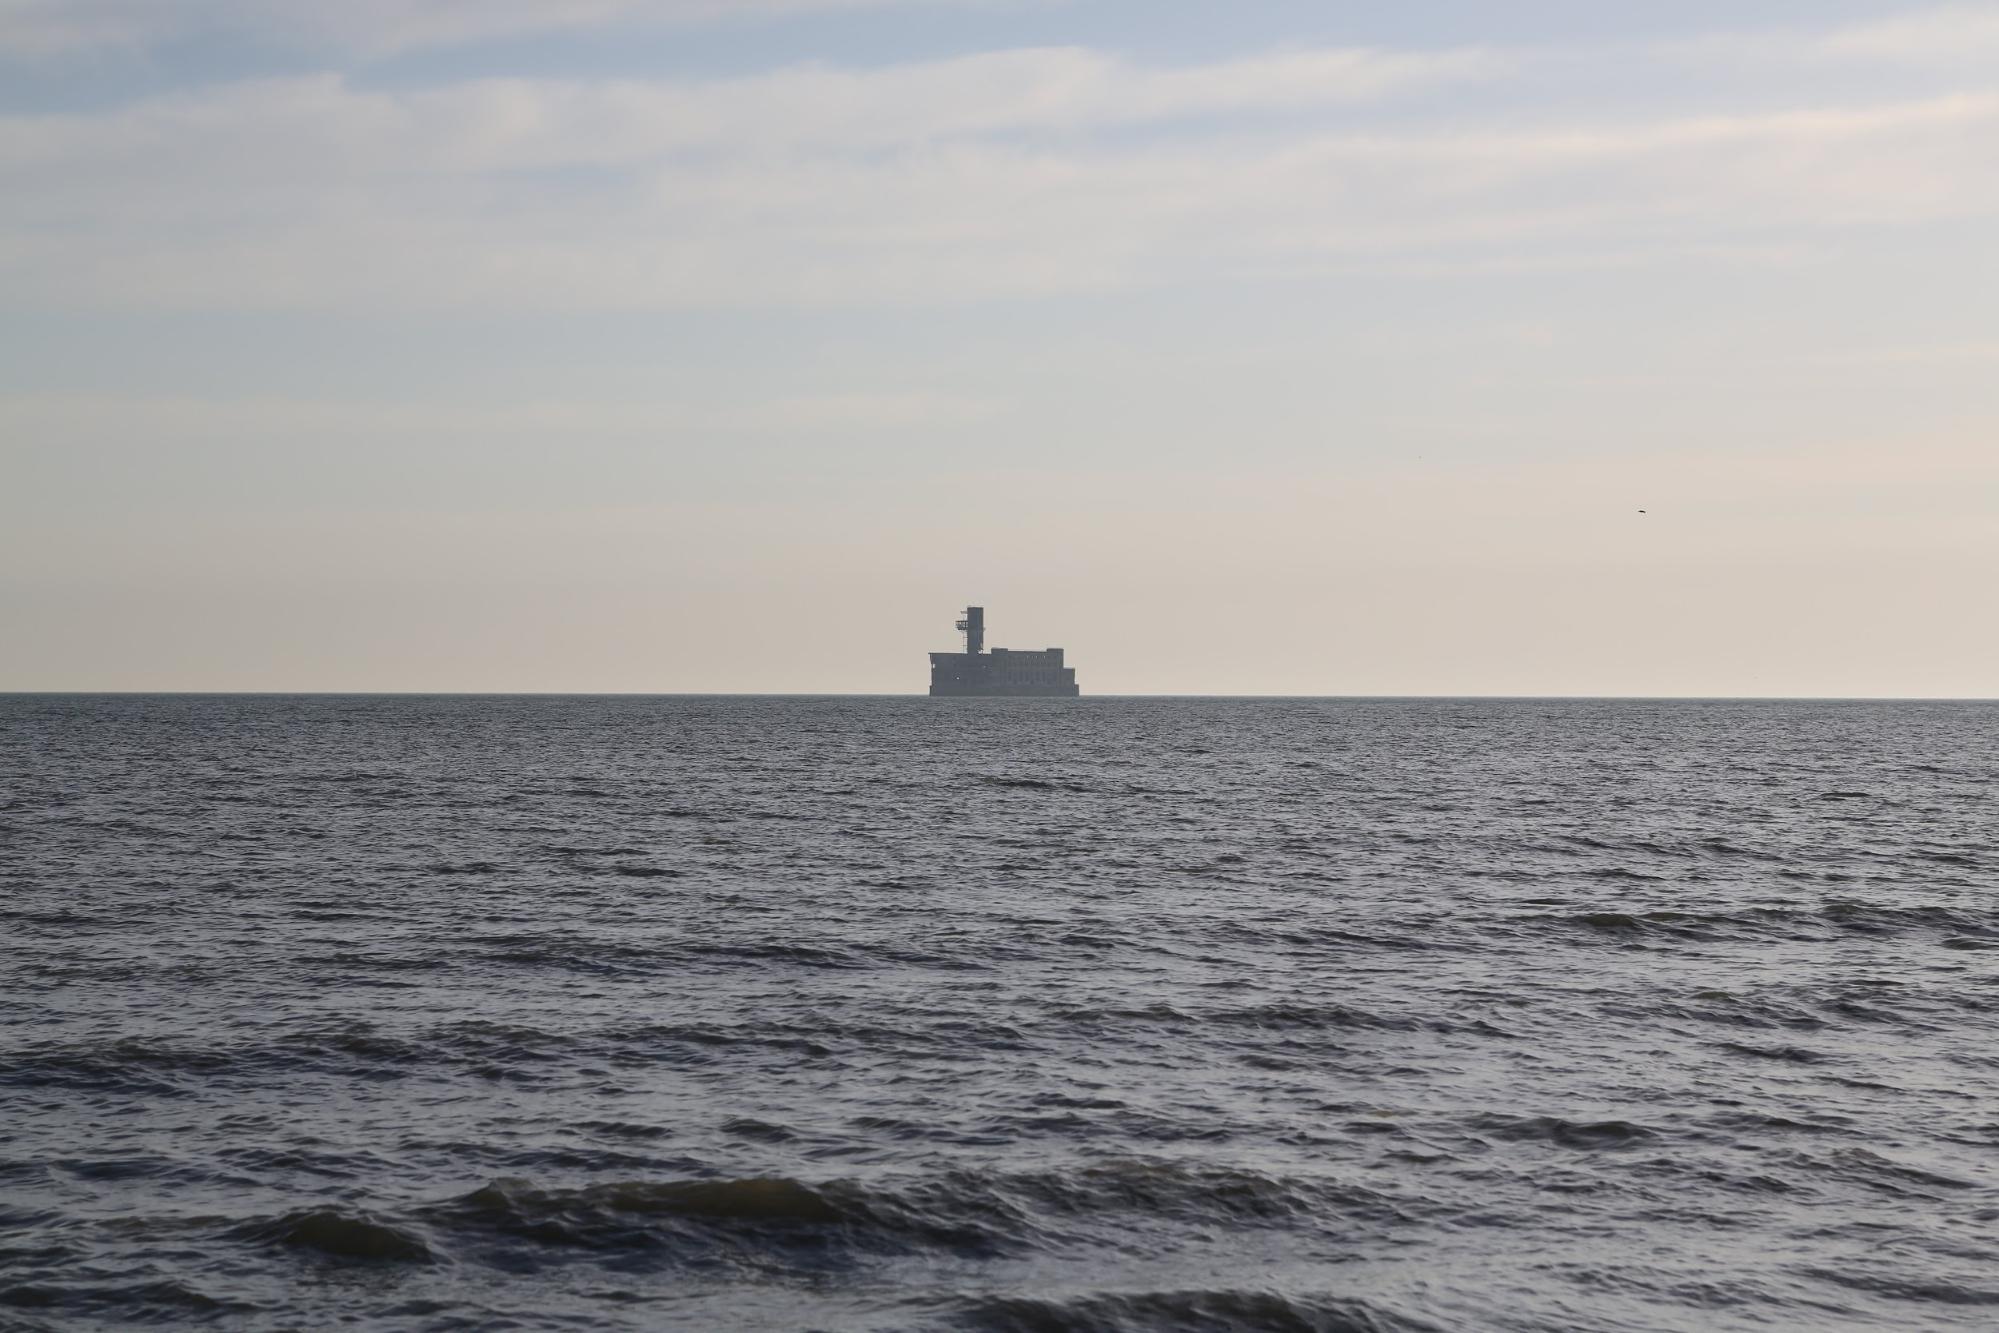 Цех №8 завода «Дагдизель», где собирали и испытывали торпеды